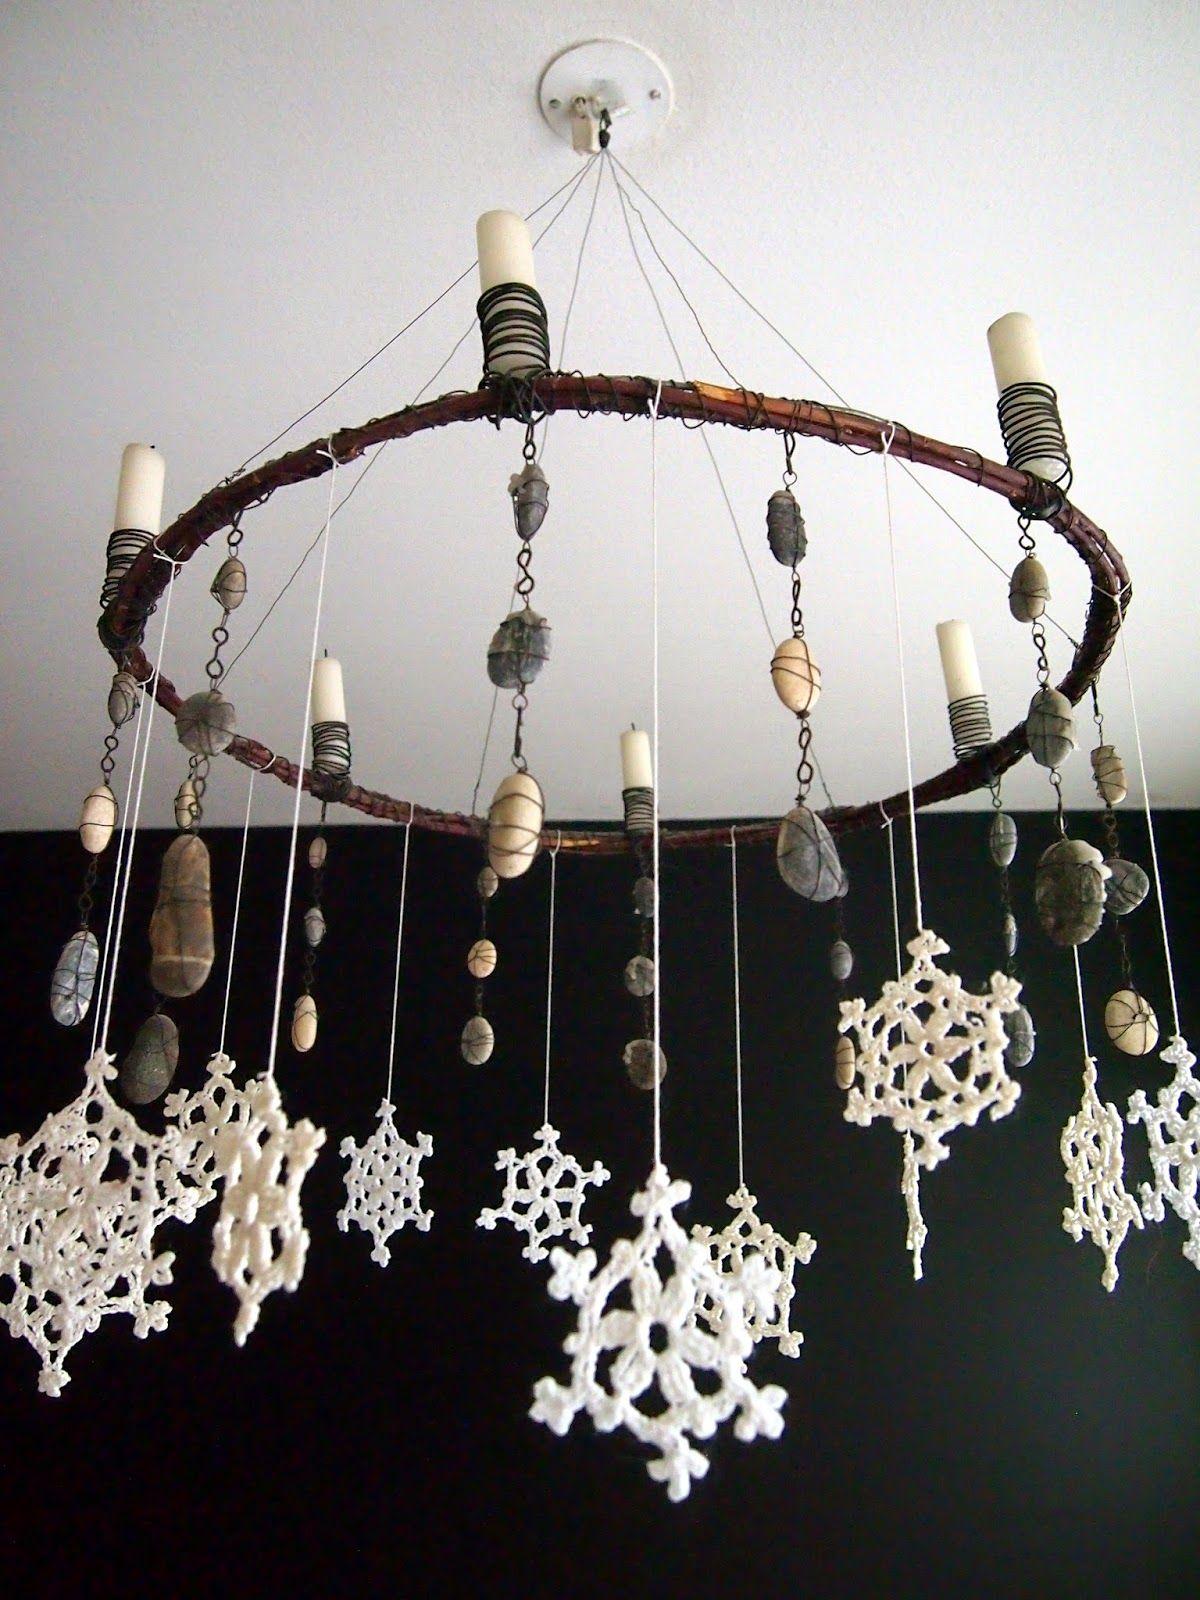 VMSomⒶ KOPPA: 12 variazioni lampadari dicembre